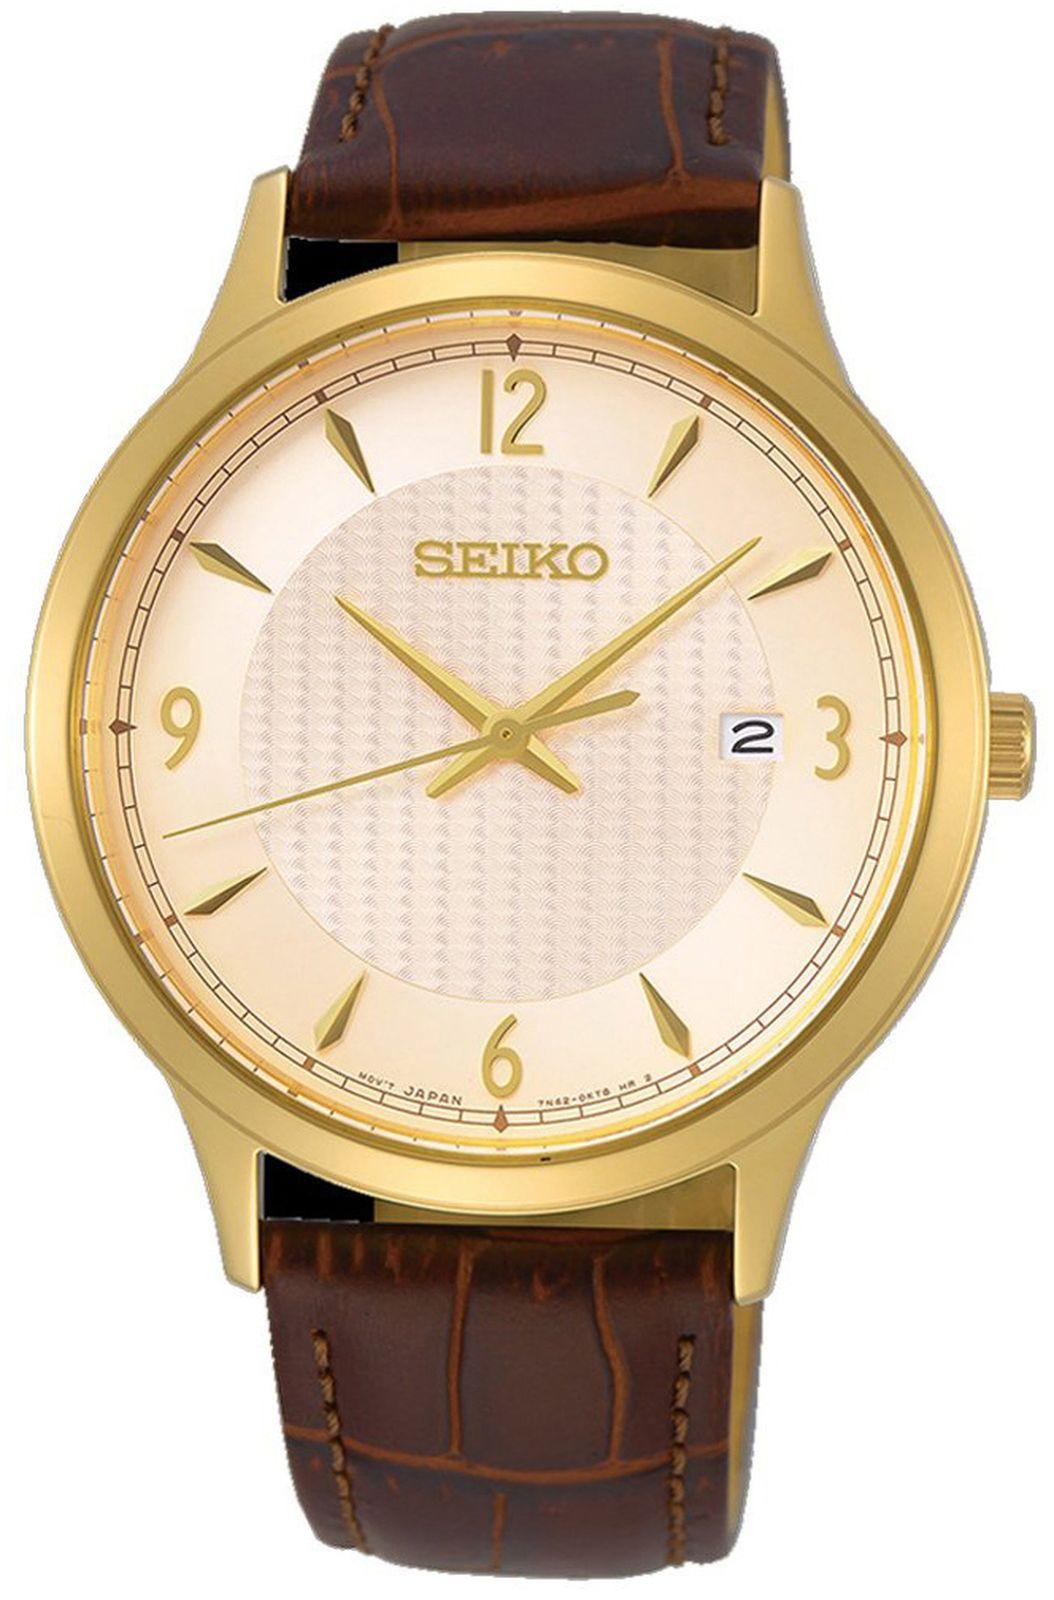 купить Наручные часы Seiko мужские, коричневый по цене 18200 рублей